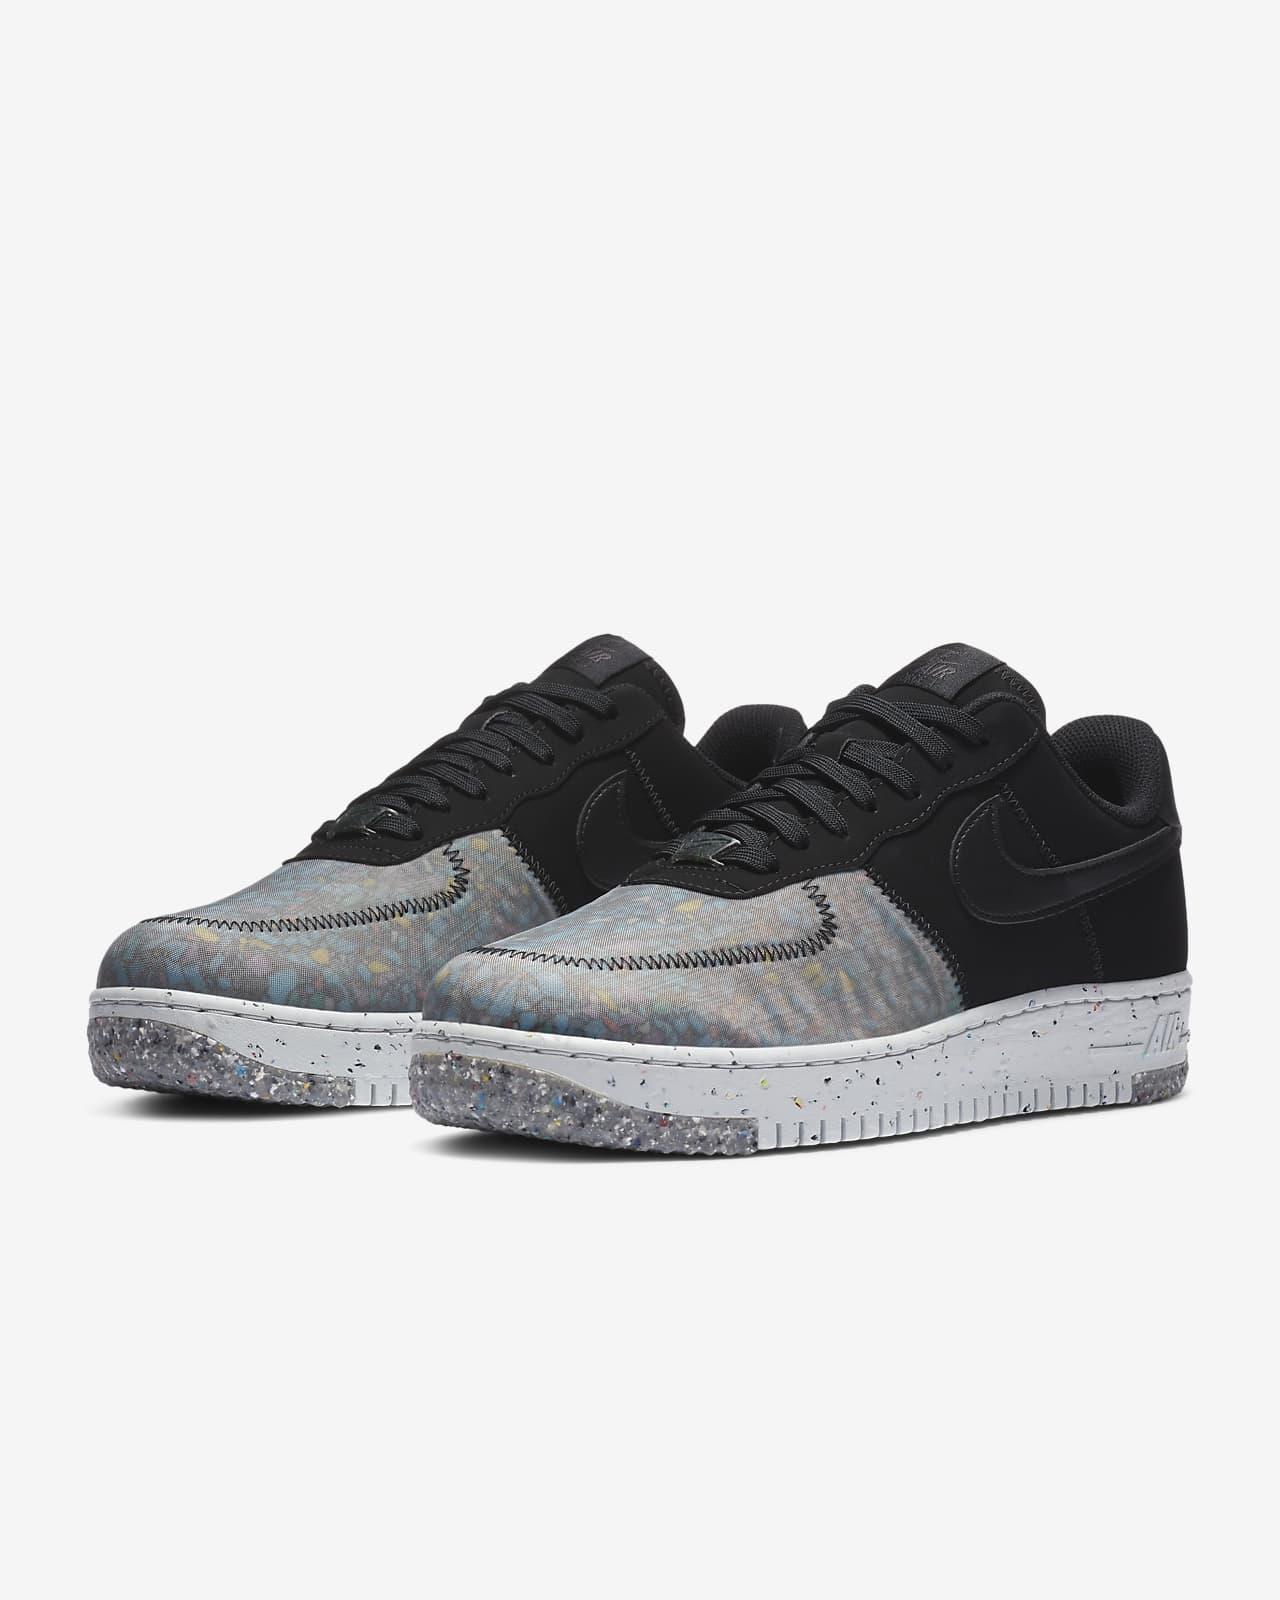 nike air force 1 grise et noir